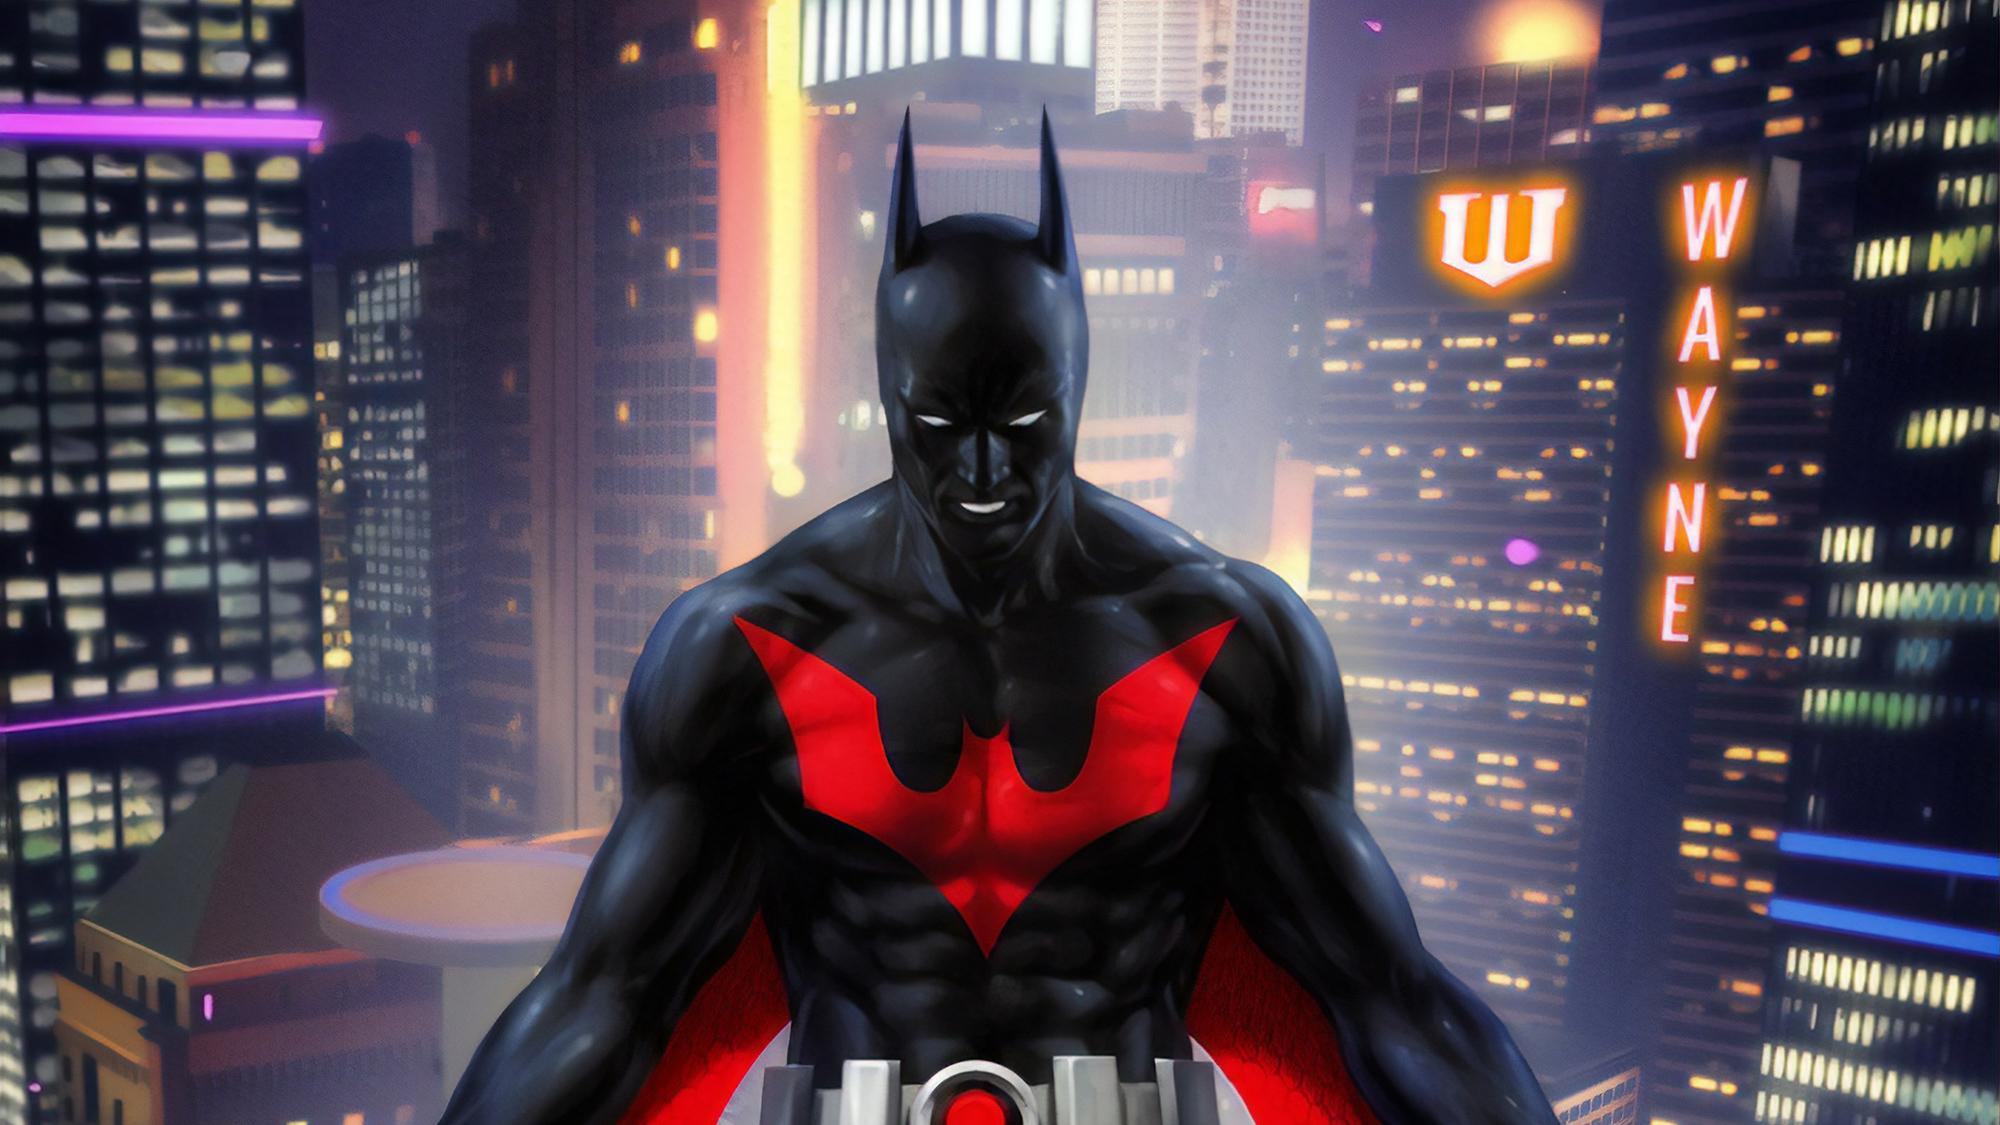 Batman Beyond Digital Art, HD Superheroes, 4k Wallpapers ...